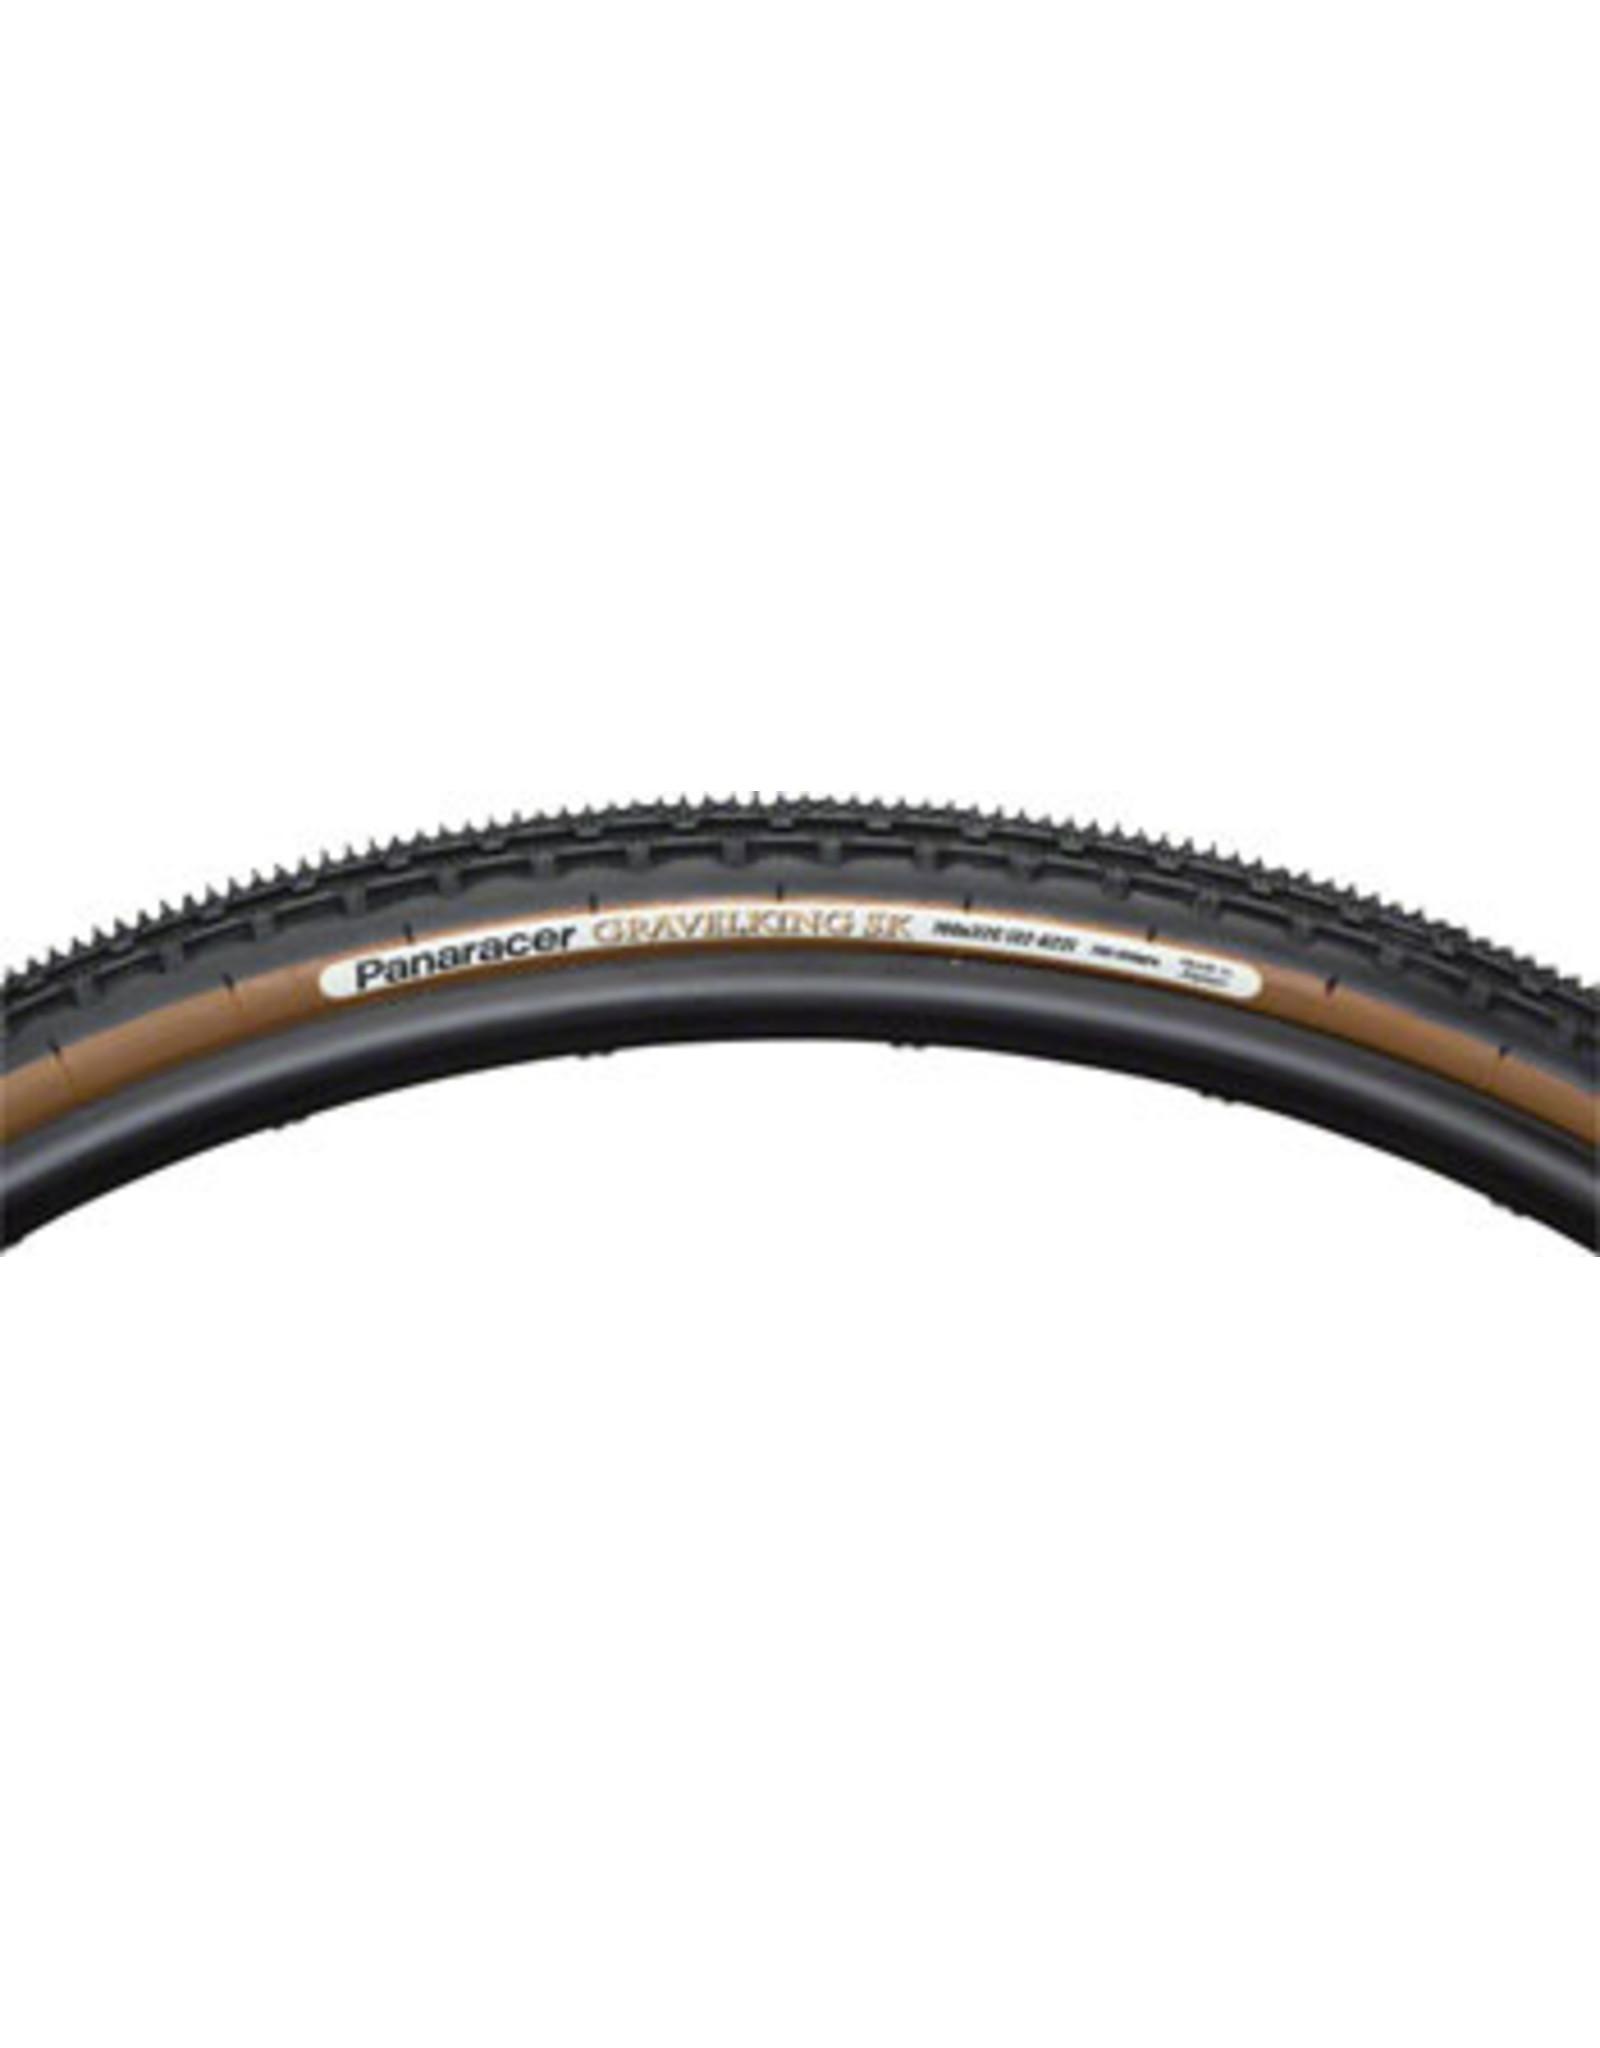 Panaracer Panaracer GravelKing SK Tire - 700 x 38, Tubeless, Folding, Black/Brown